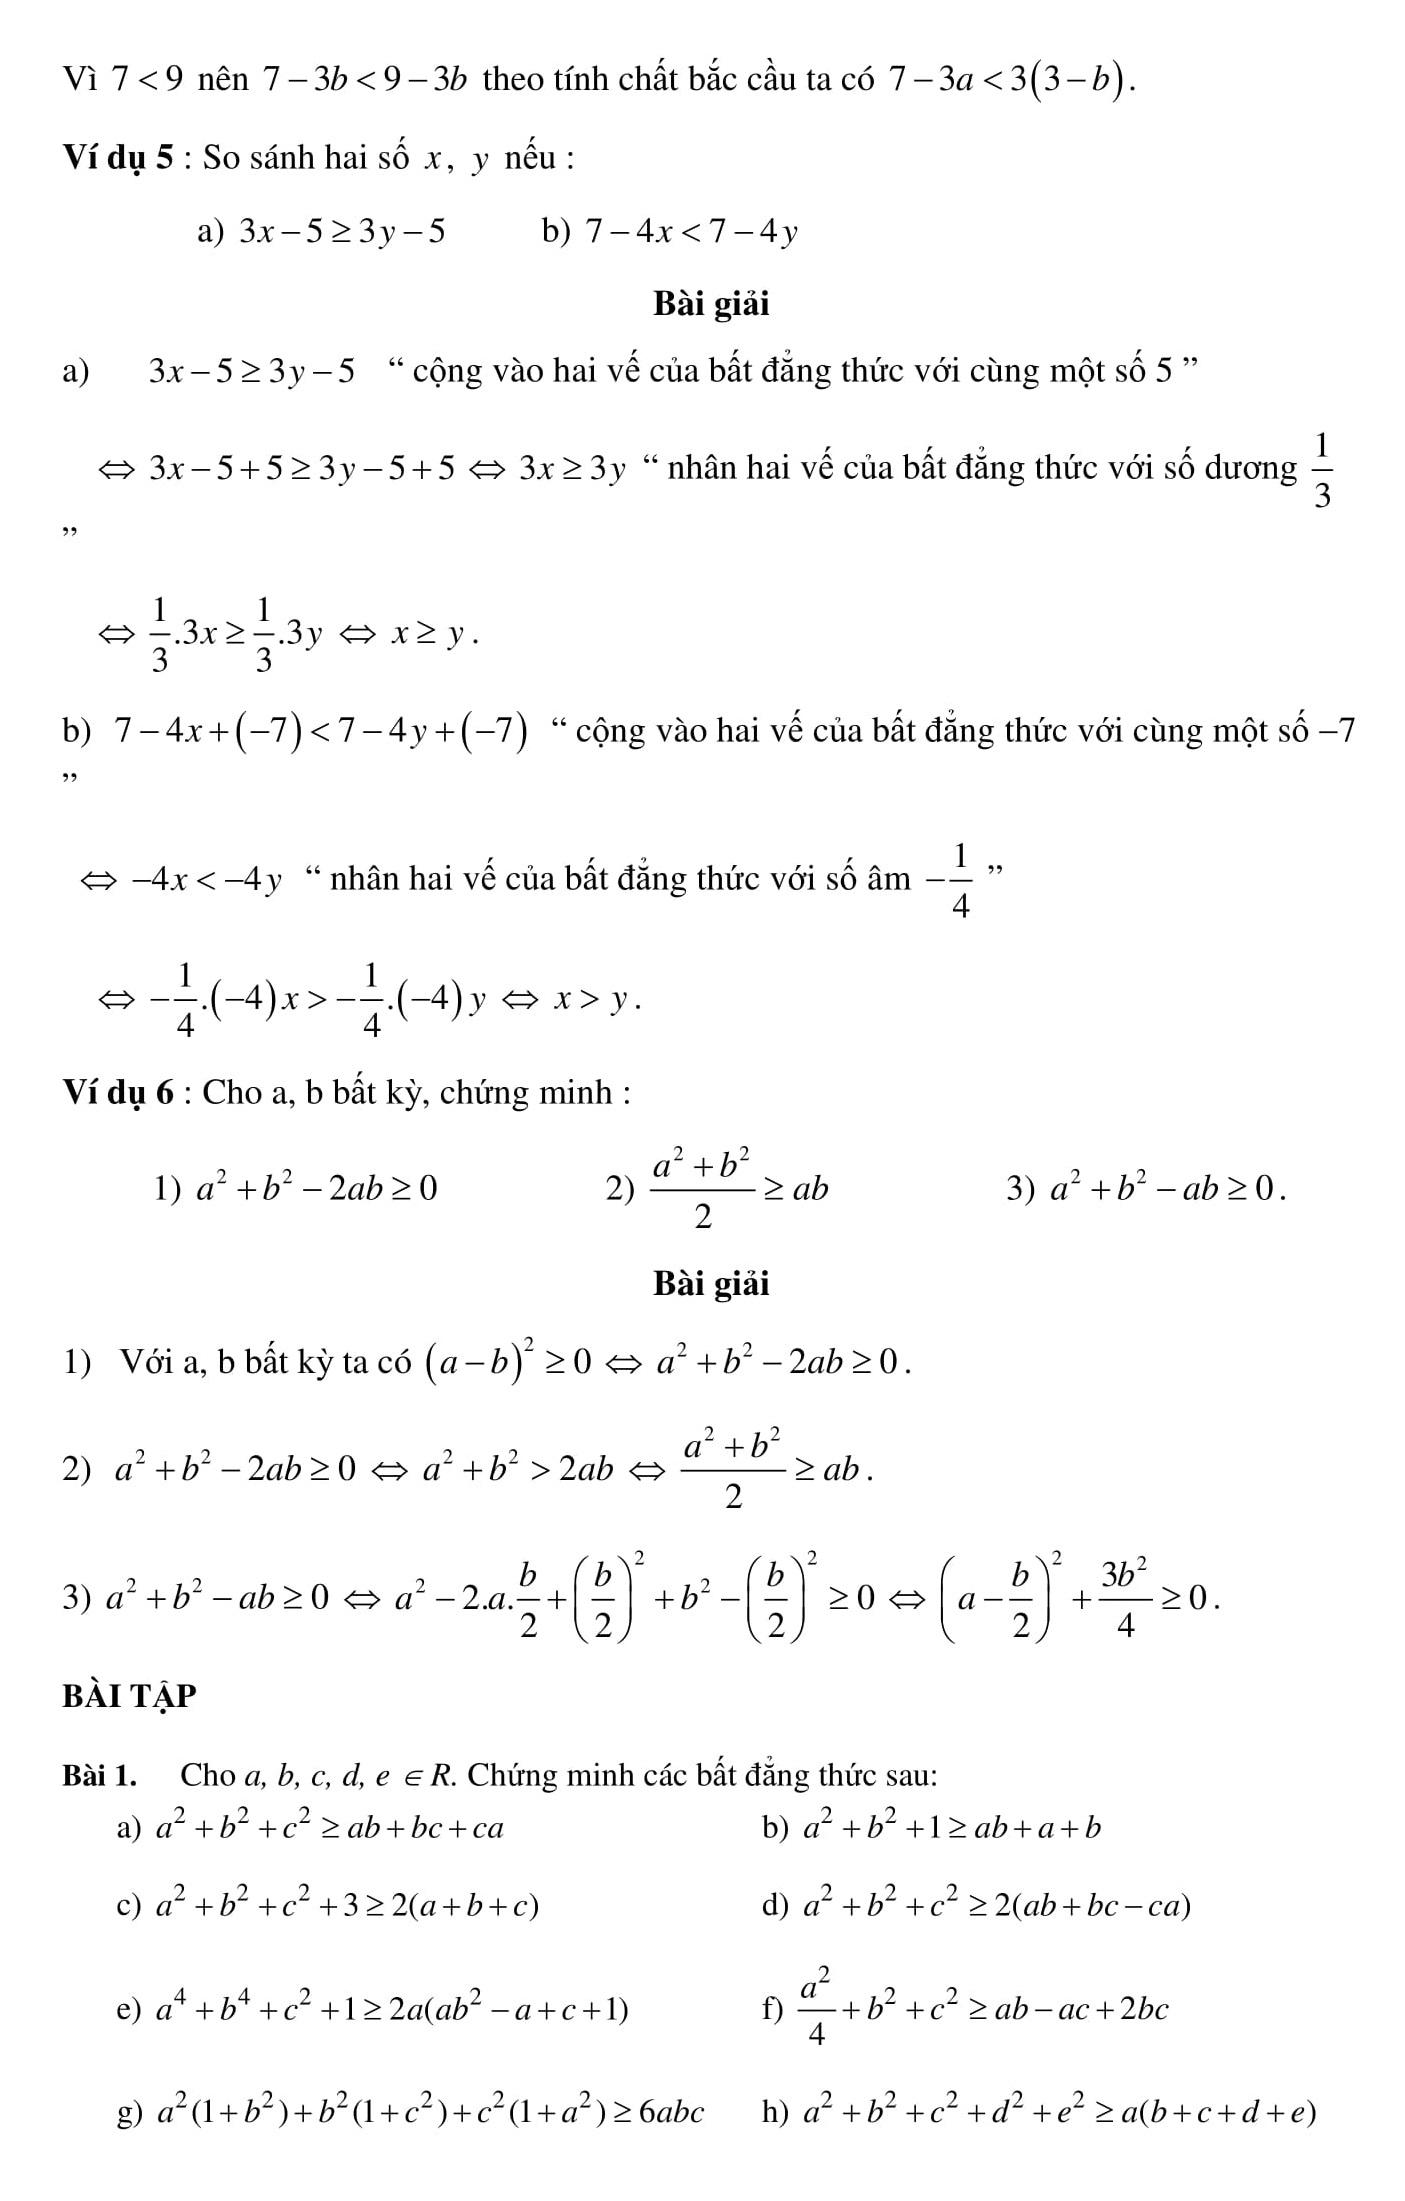 Đề cương HK2 toán 8 được tổng hợp chi tiết